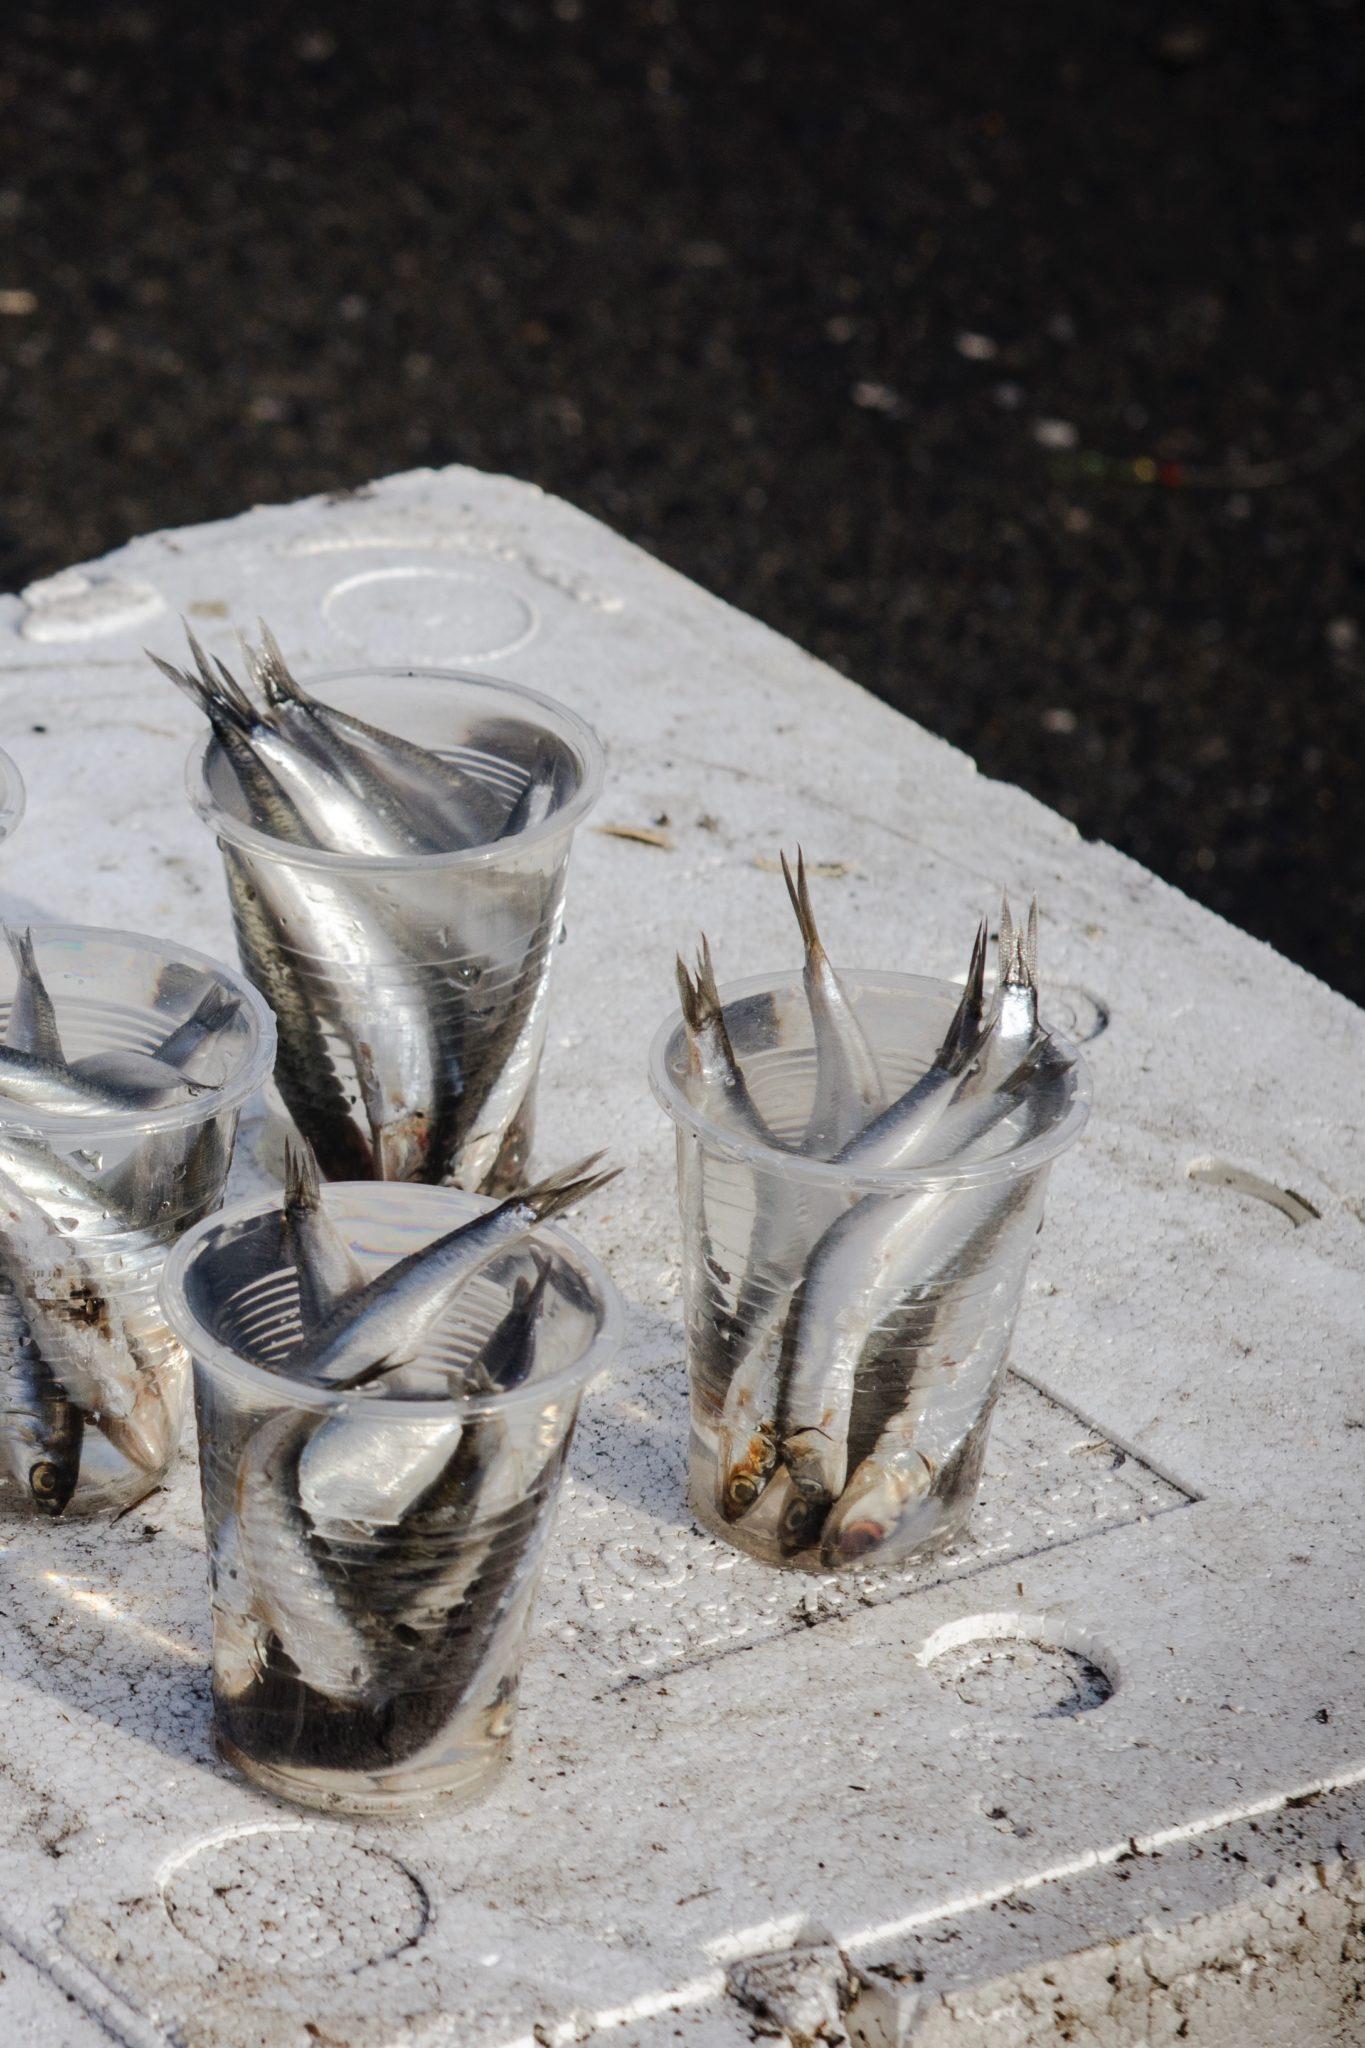 Tuerkisch-Kochen-Galata-Bruecke-Fische